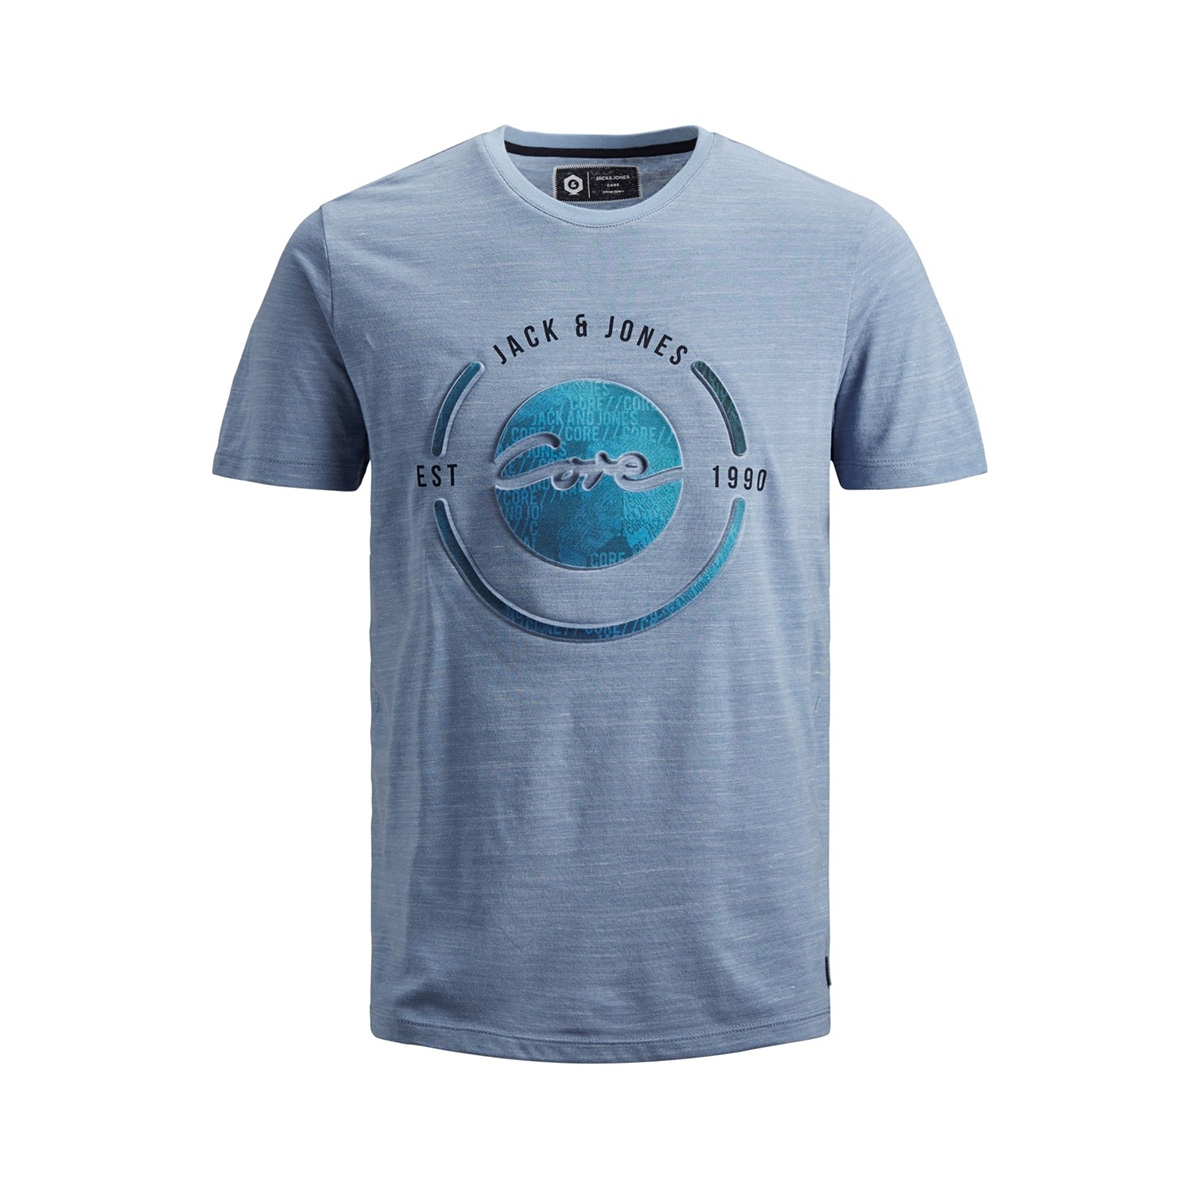 jcobay tee ss crew neck 12155198 jack & jones t-shirt victoria blue/slim